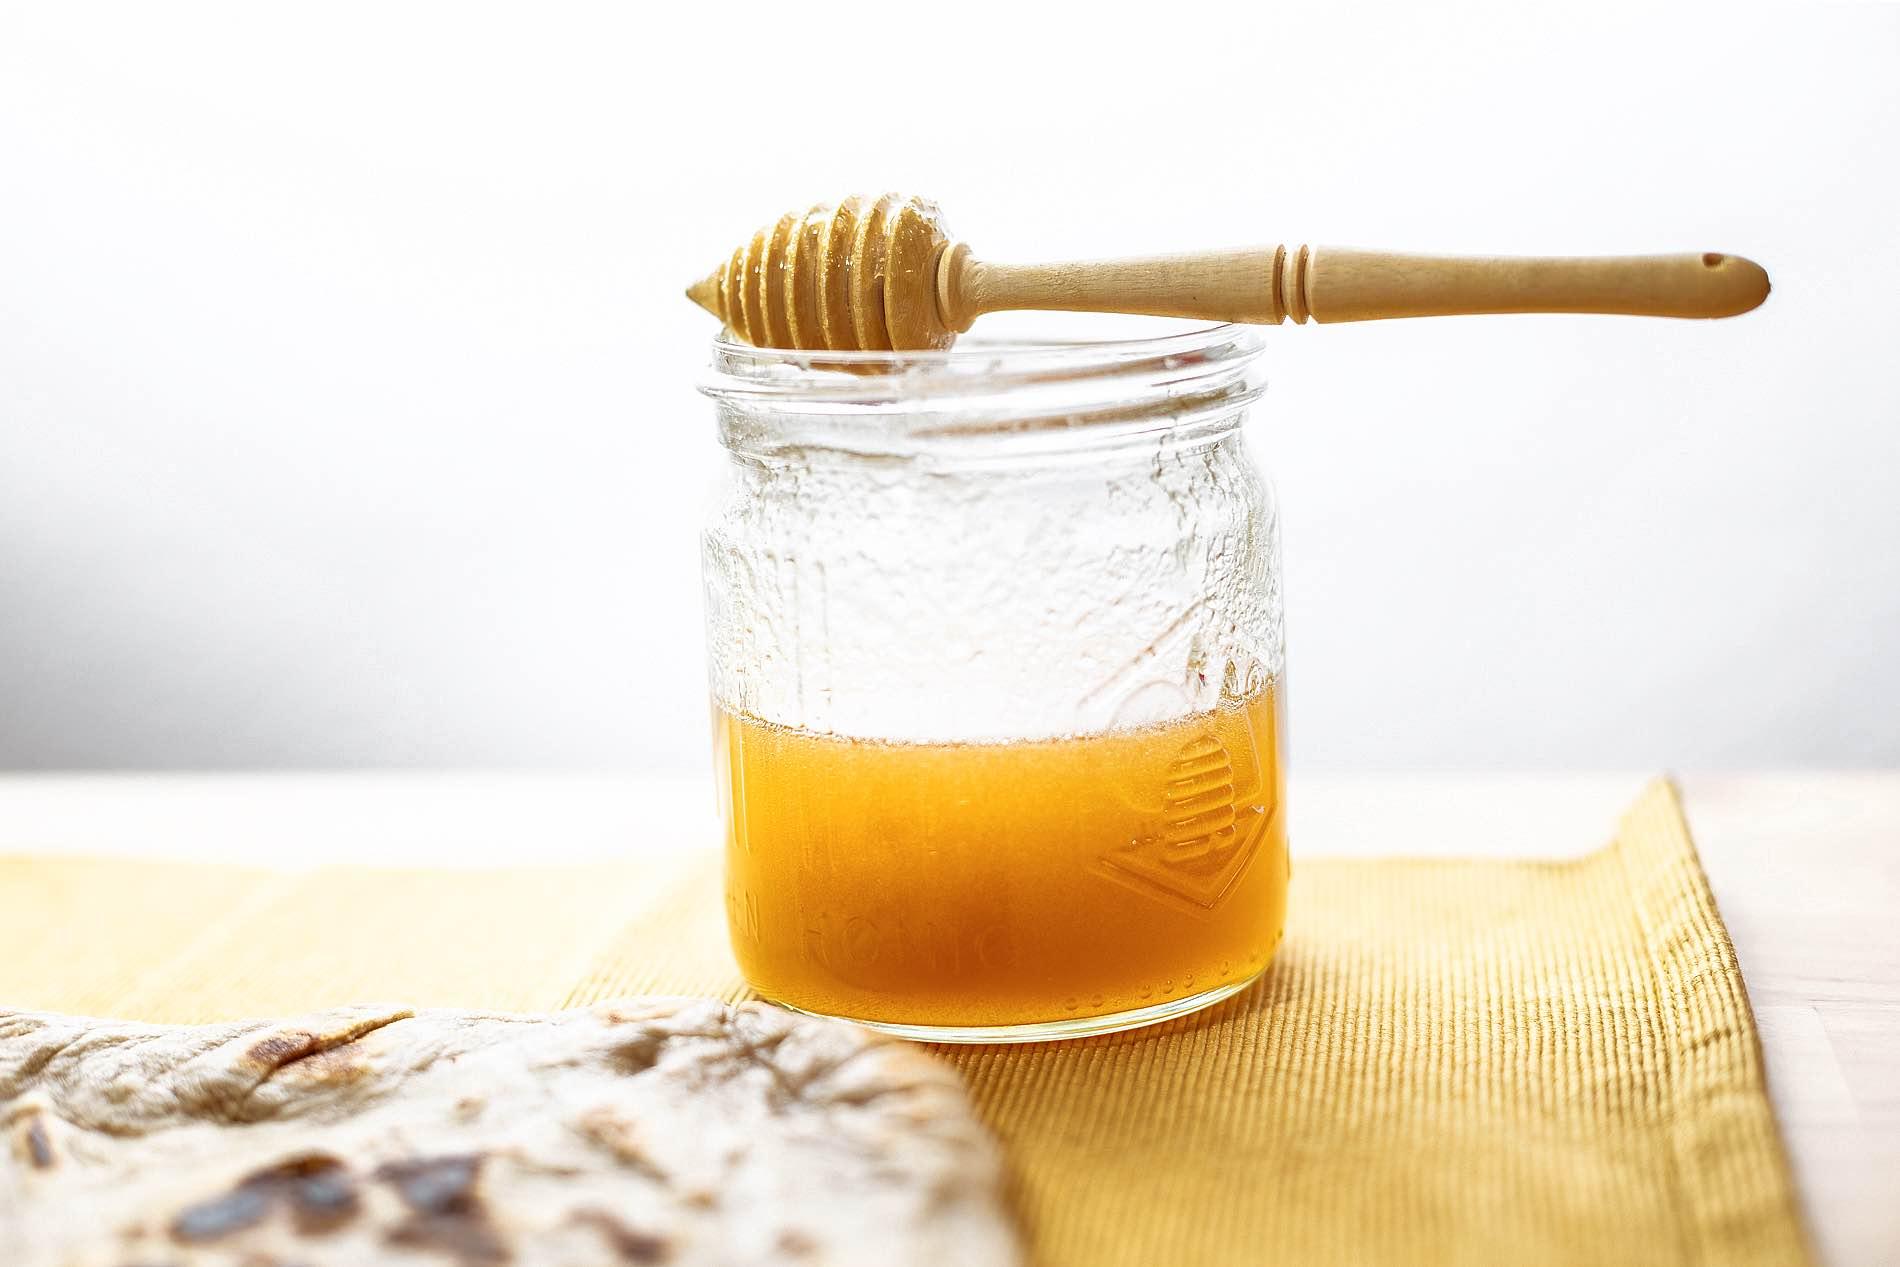 Foto eines Honigglases auf dem ein Honiglöffel liegt